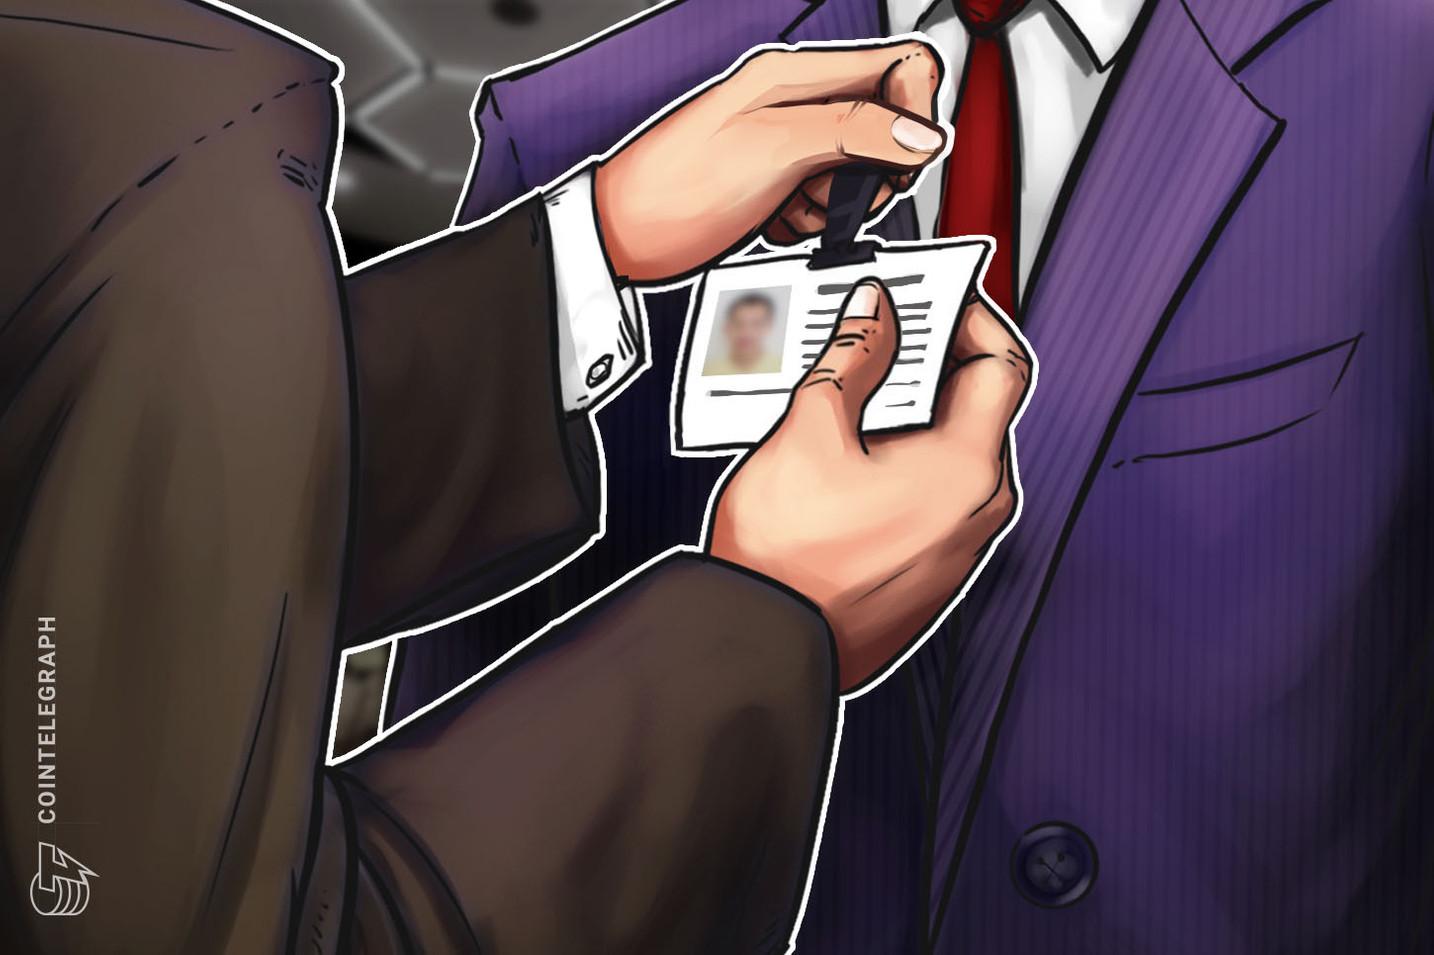 米国の仮想通貨・ブロックチェーン関連求人 300%増